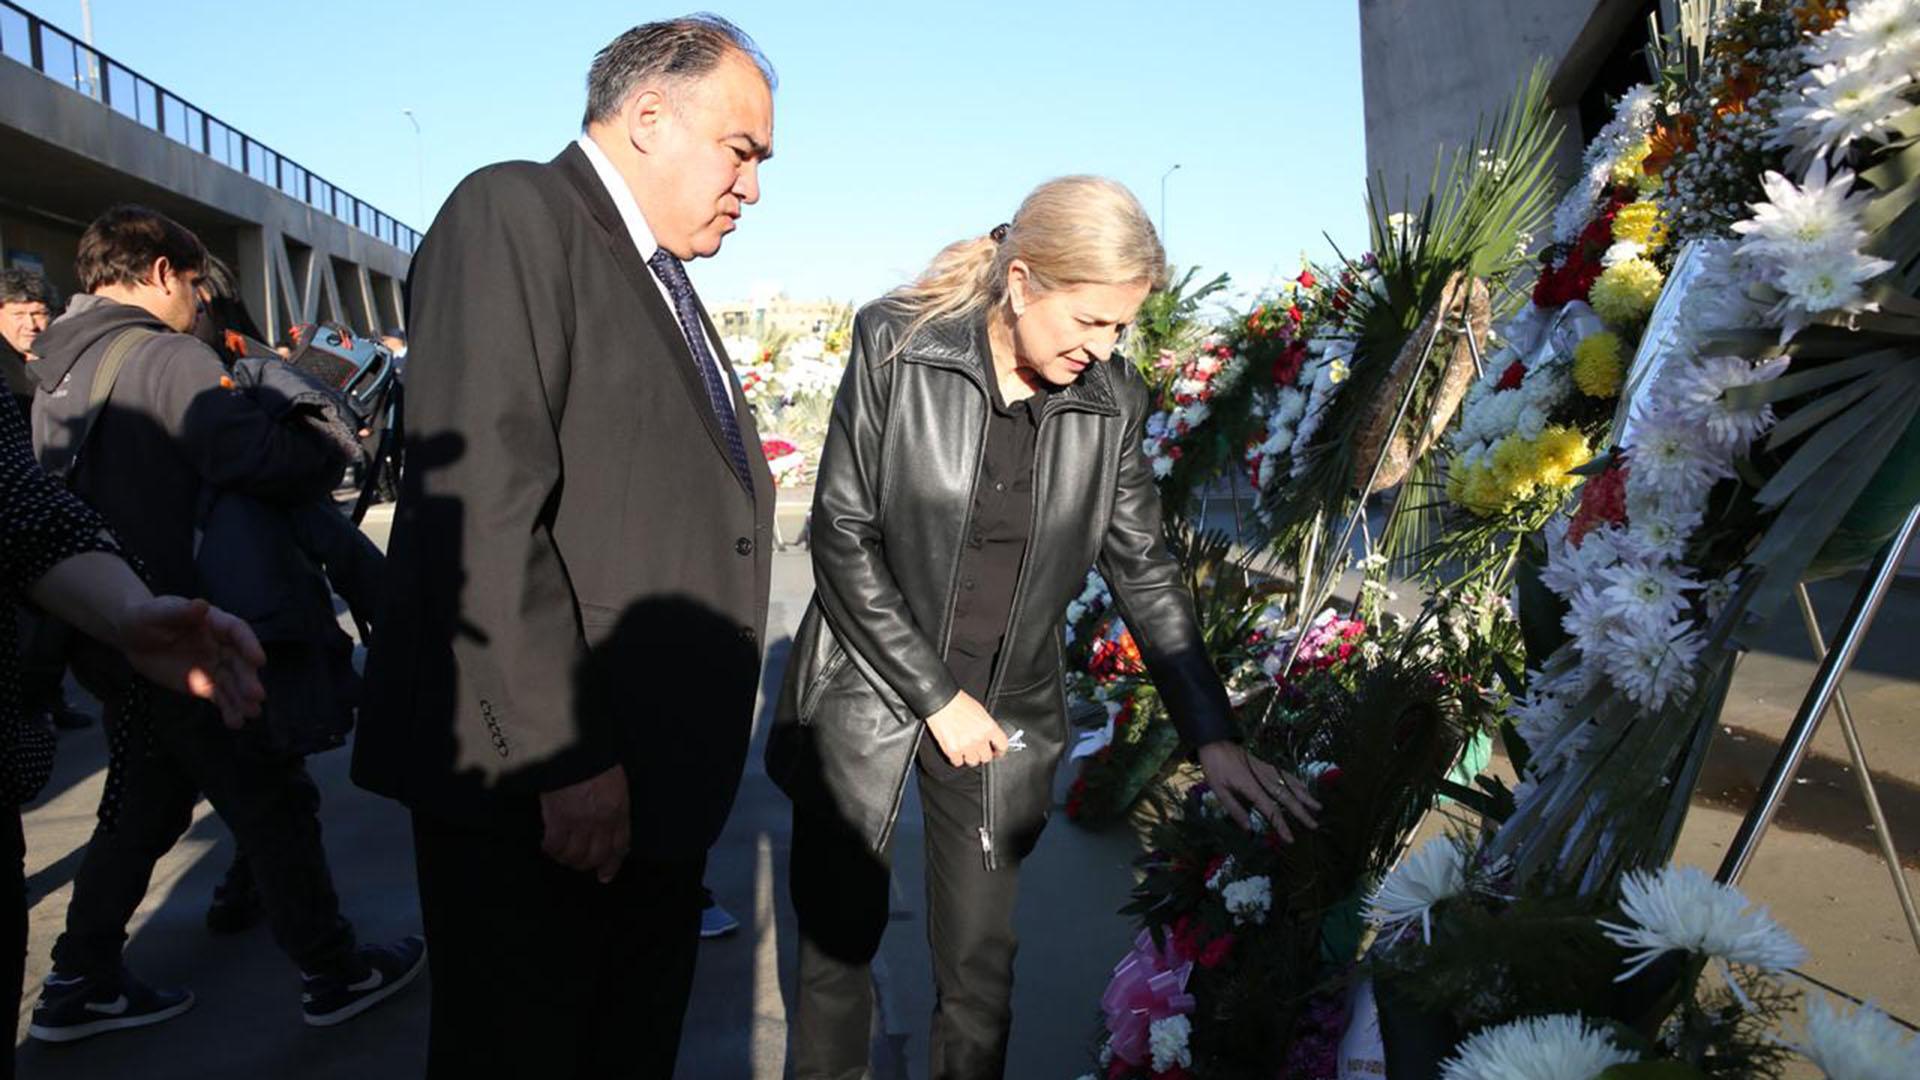 Su mujer, la diputada de Unión por Córdoba Adriana Nazario, viajaba en otro vehículo detrás de él yfue la primera en enterarse del accidente